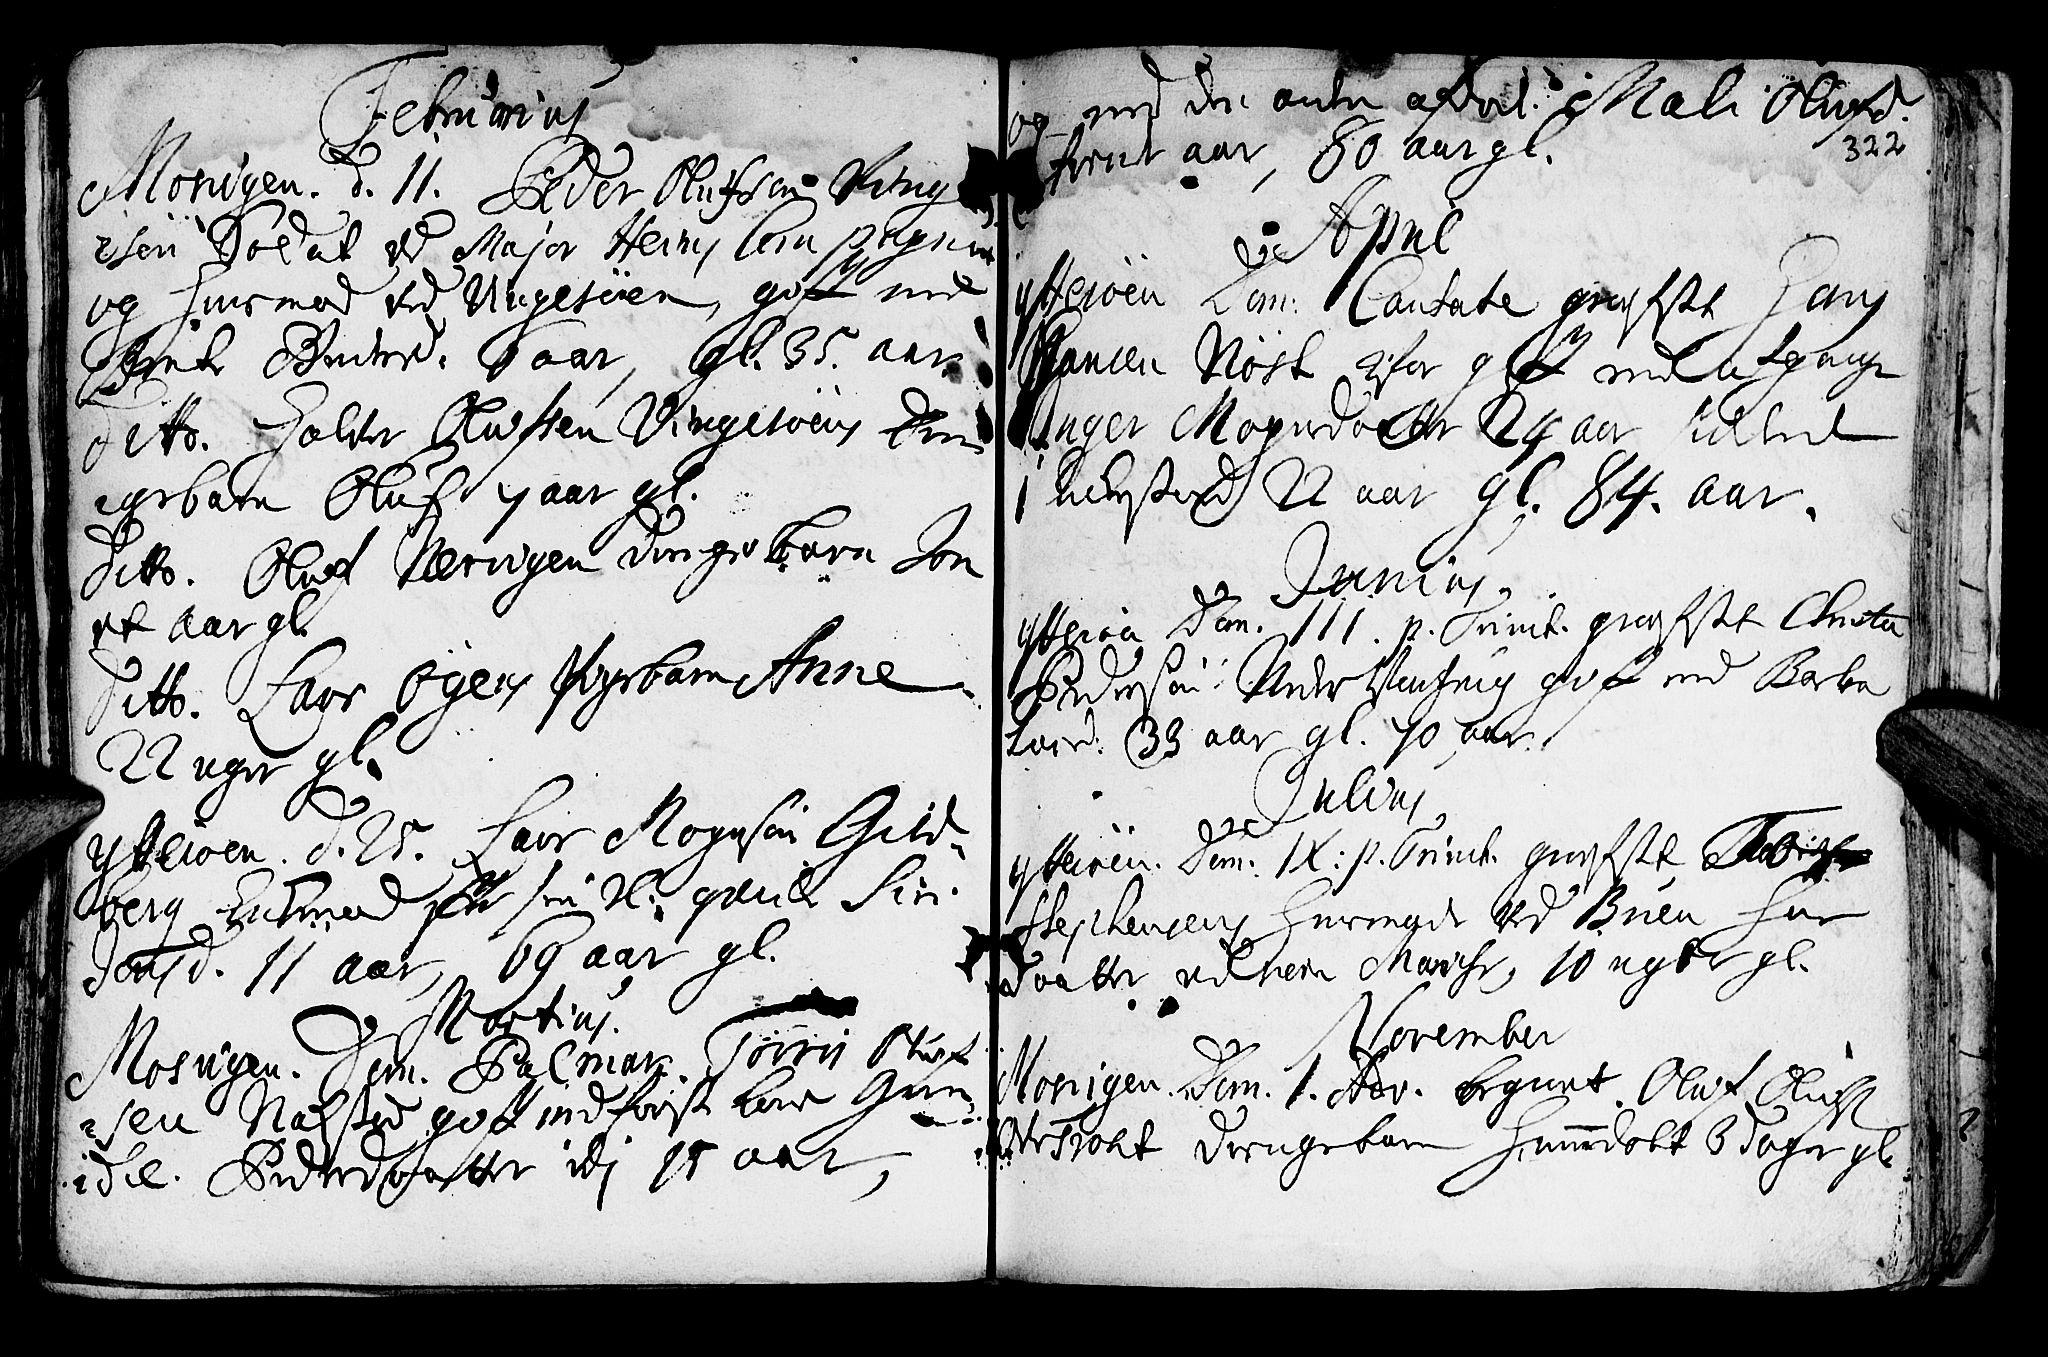 SAT, Ministerialprotokoller, klokkerbøker og fødselsregistre - Nord-Trøndelag, 722/L0215: Ministerialbok nr. 722A02, 1718-1755, s. 322